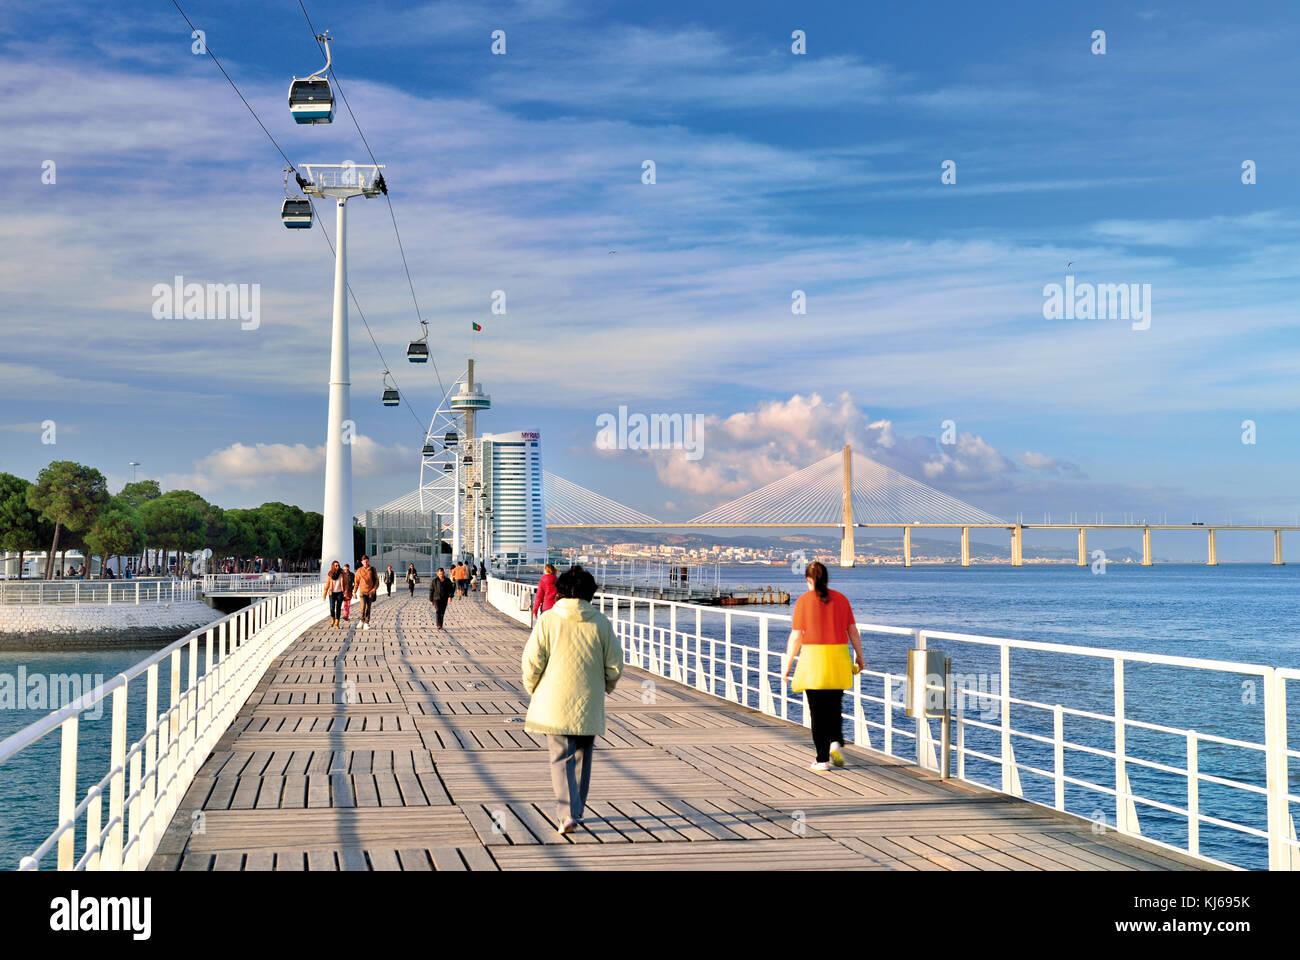 Les gens qui passent le pont piétonnier entouré par l'architecture moderne, ascenseur, téléphérique Photo Stock